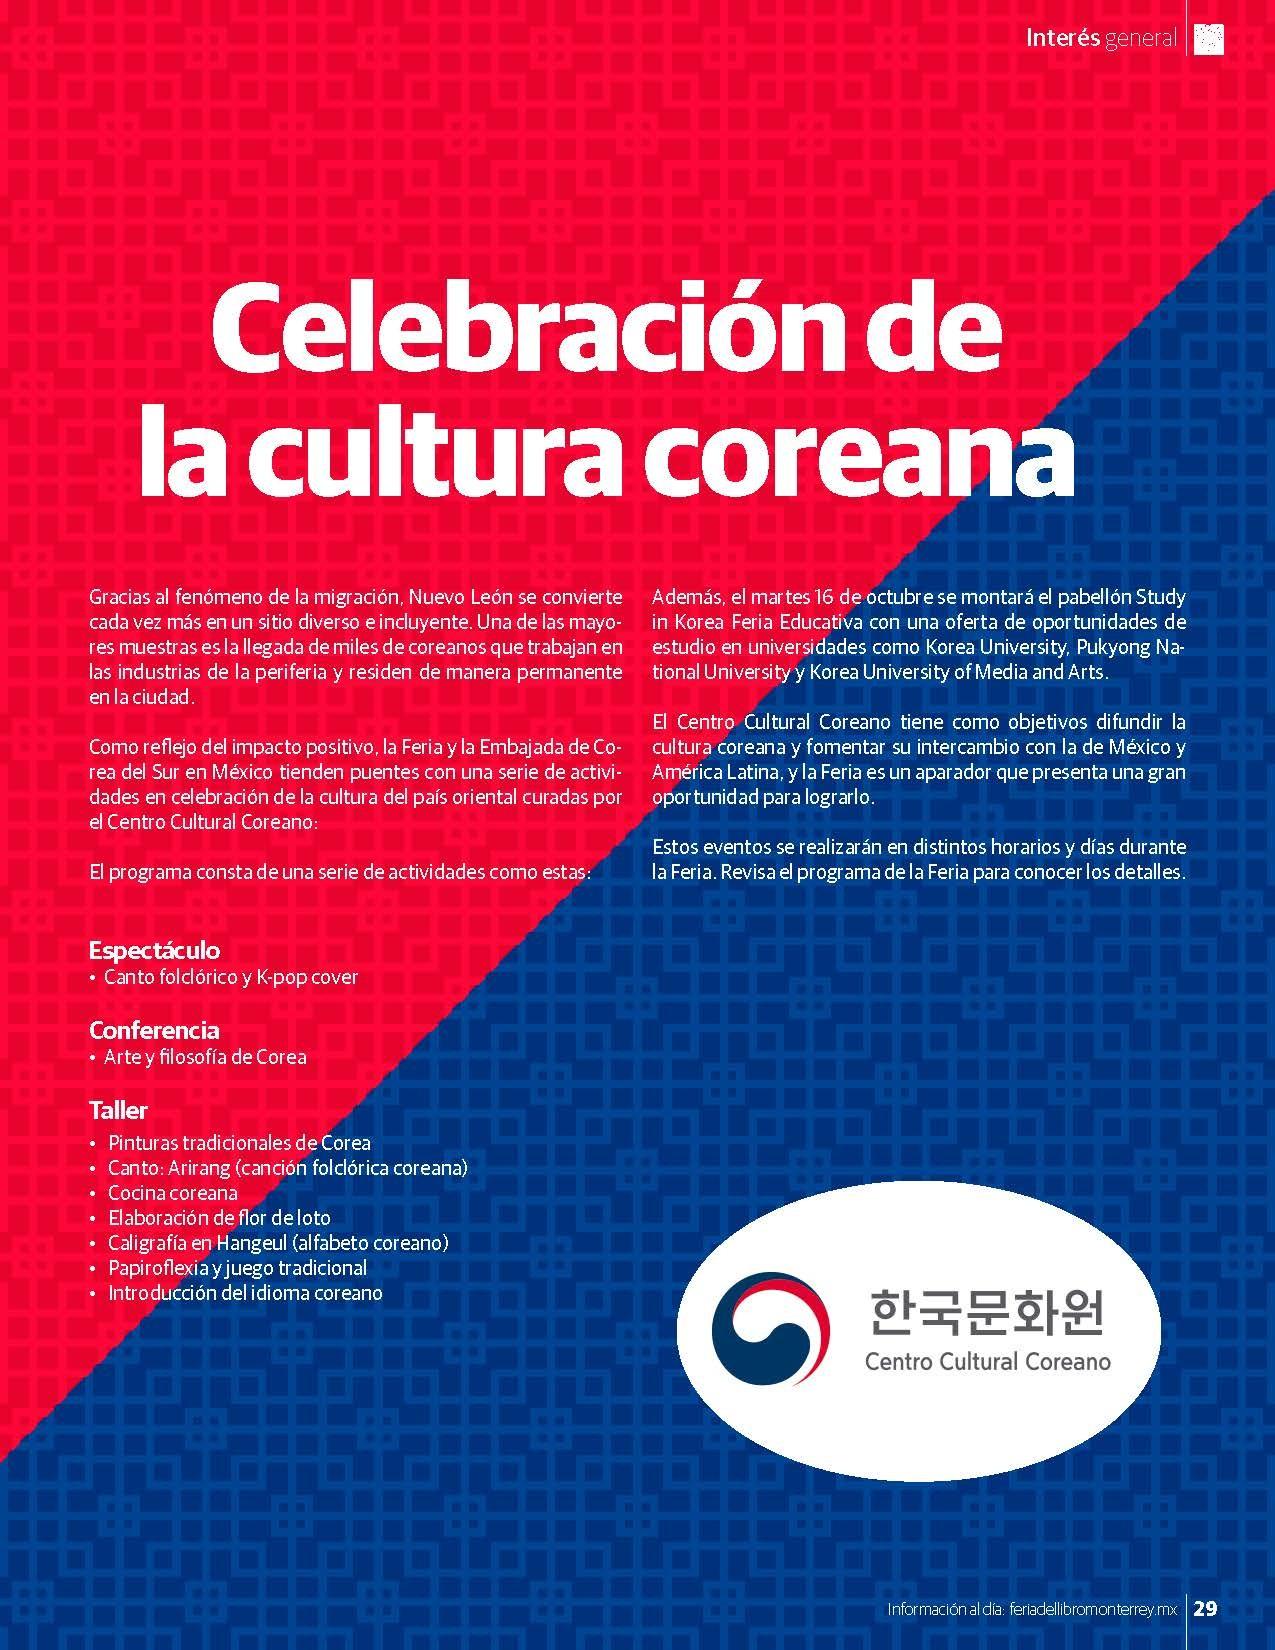 Calendario Escolar 2019 Tec De Monterrey Más Populares Vive La Feria Del Libro Of Calendario Escolar 2019 Tec De Monterrey Más Recientes Vive La Feria Del Libro